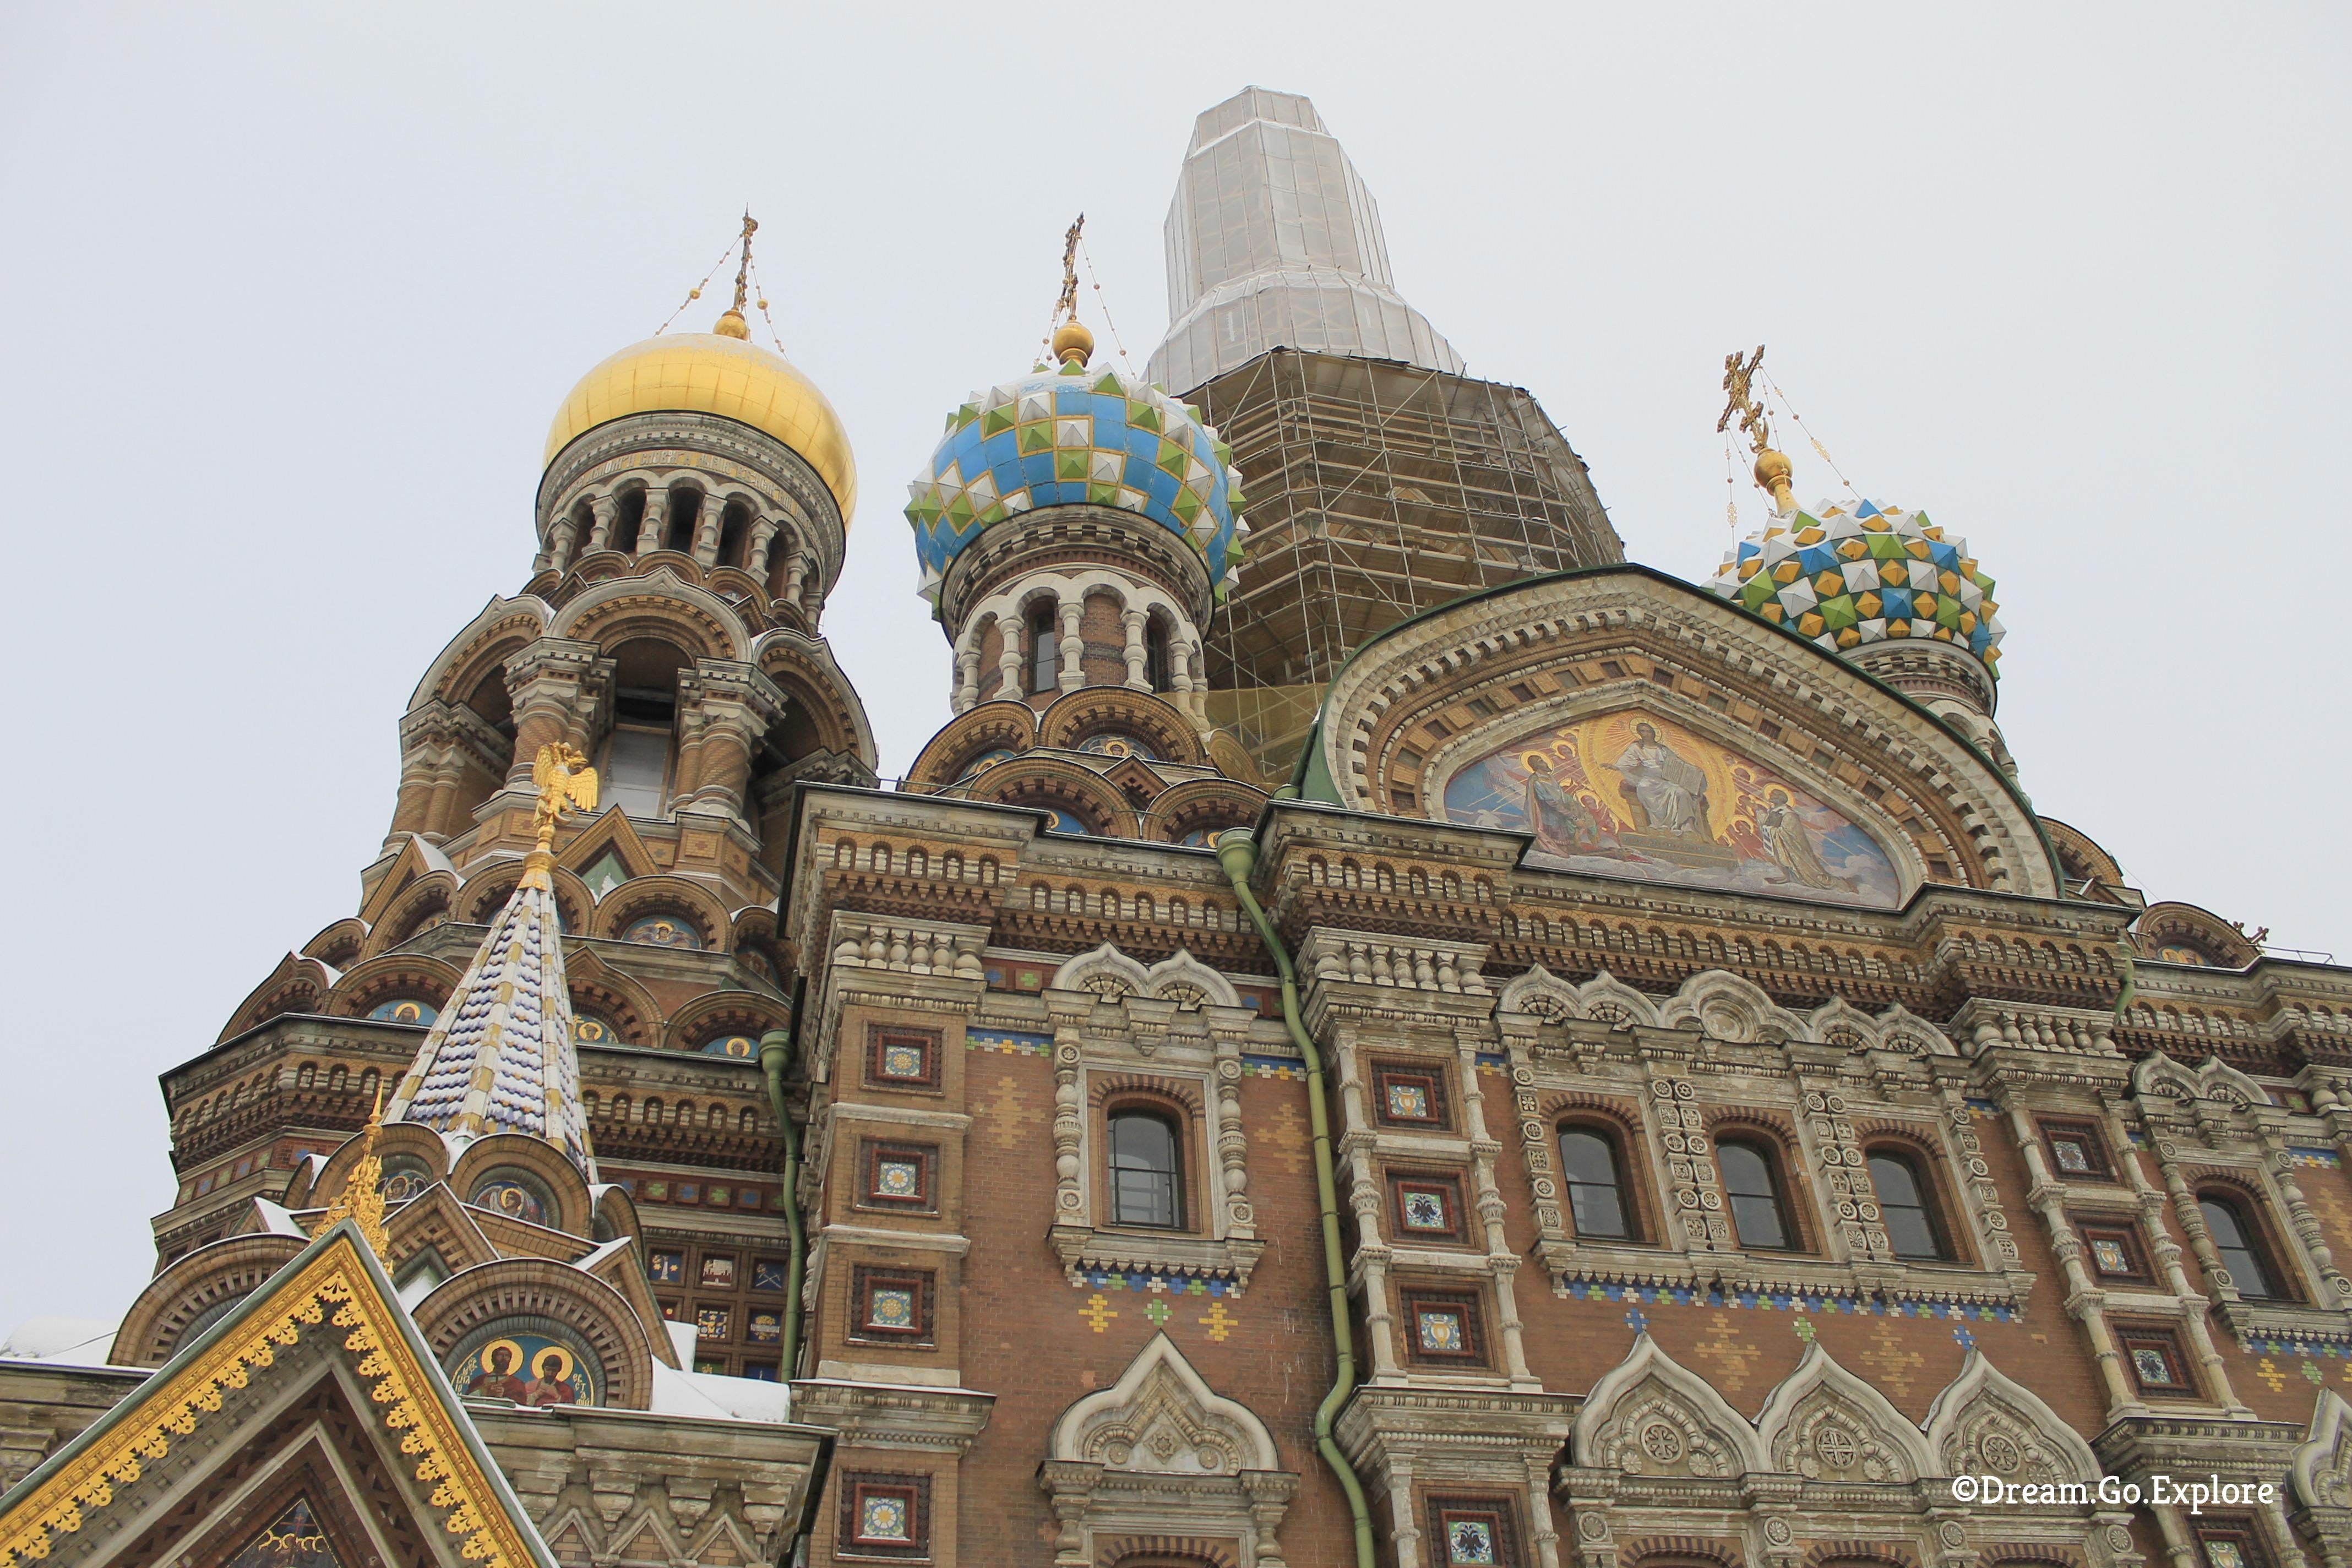 A visit to the Church of the Resurrection of Jesus Christ in Sankt Petersburg (Russia) – Ein Besuch der Erlöserkirche in Sankt Peterburg (Russland)